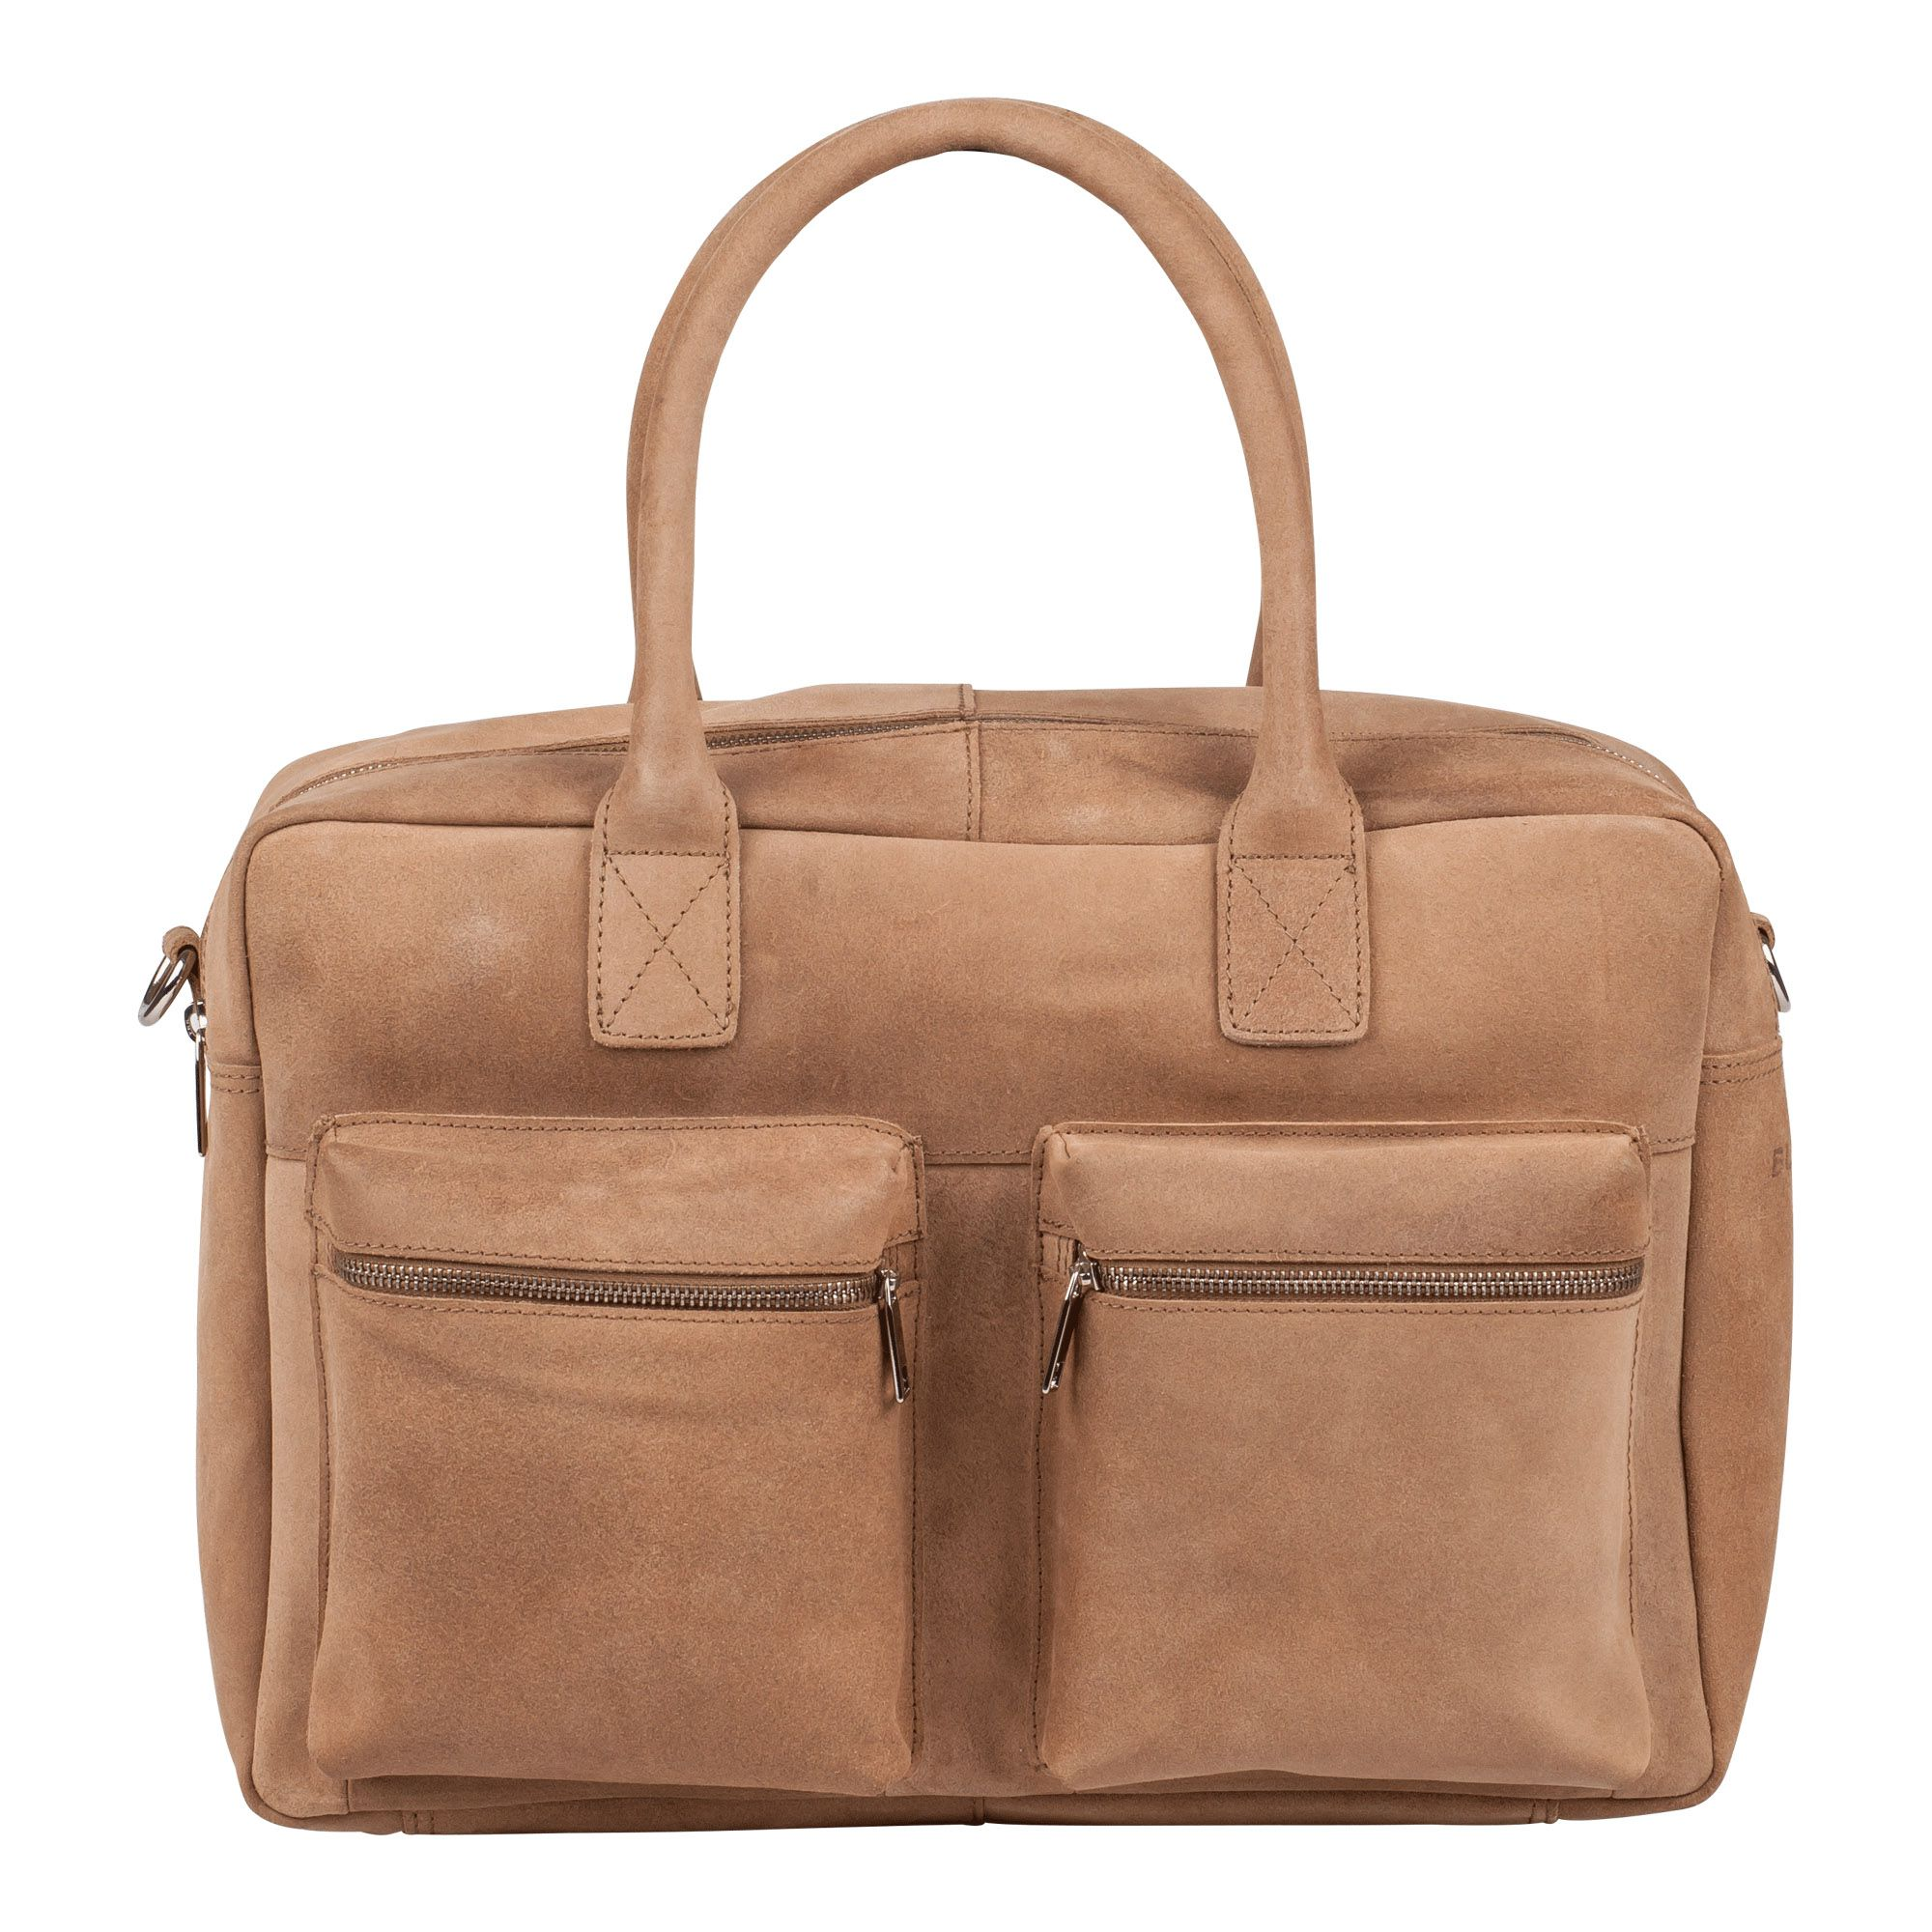 Laptoptas Burkely Alex Businessbag Vintage Shoulderbag Taupe 15 inch